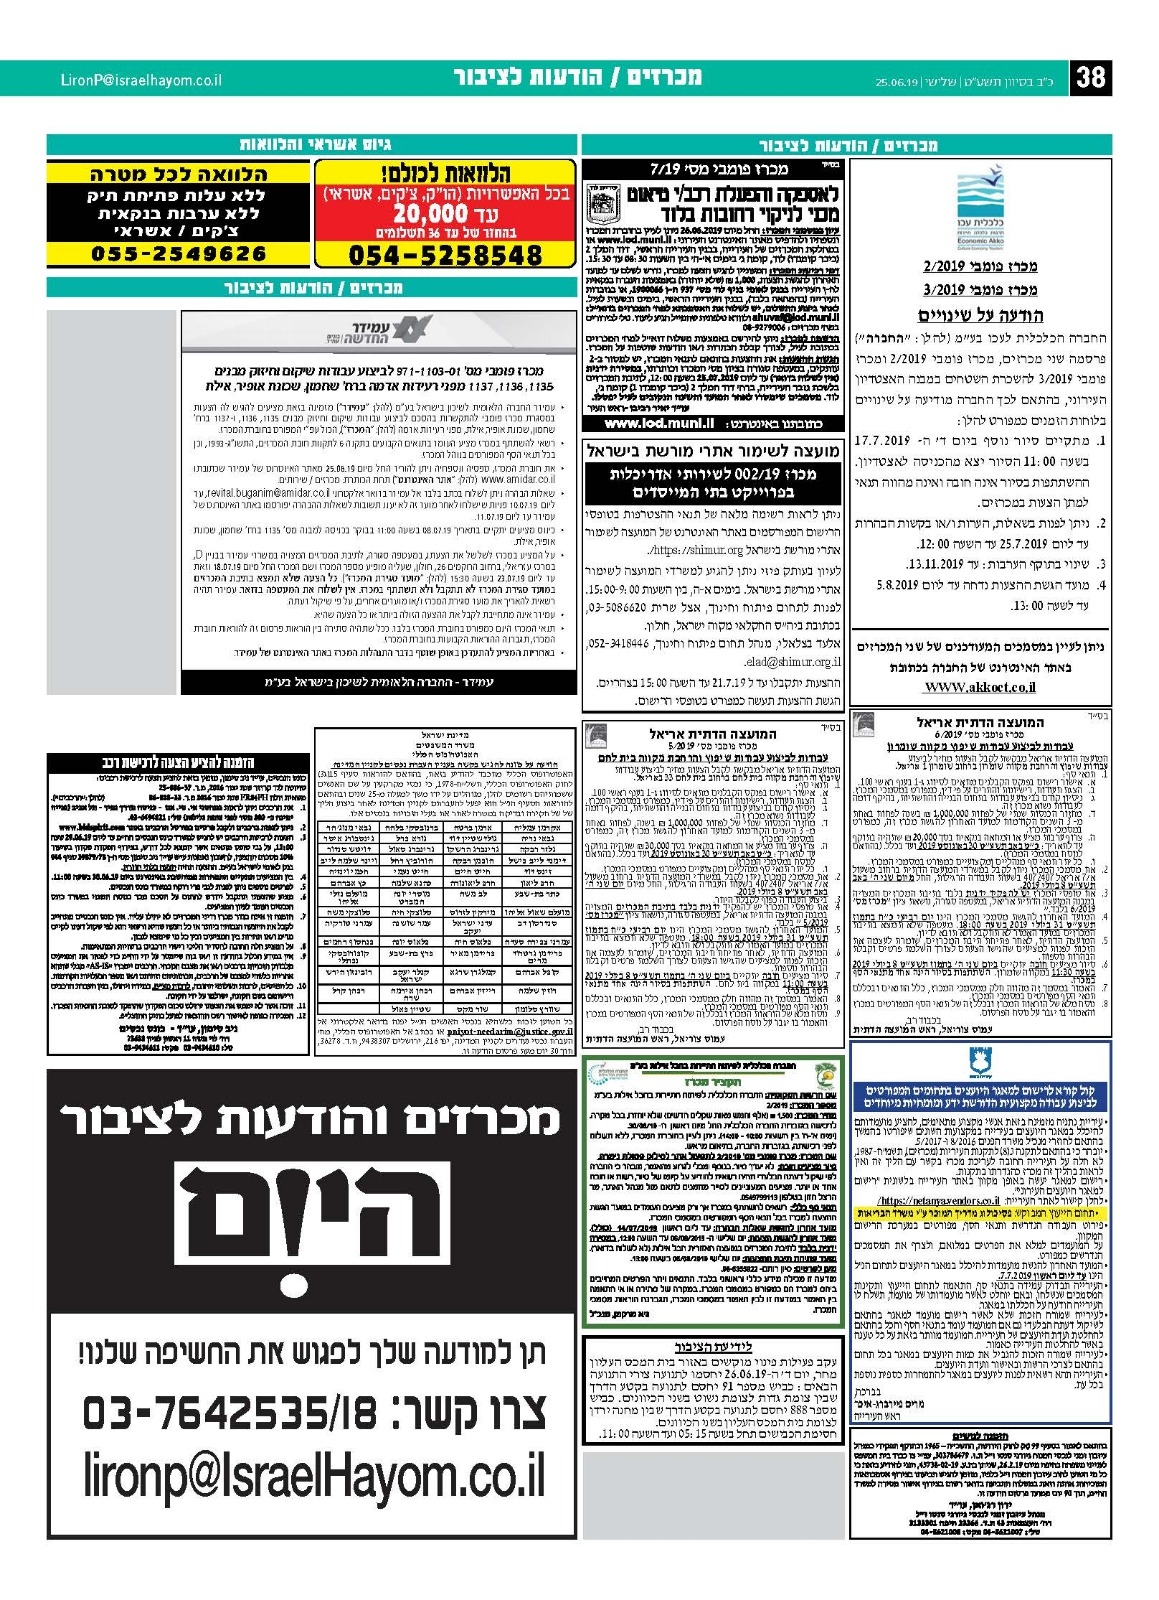 14b35649-e114-441a-82ac-4ec30afd9629